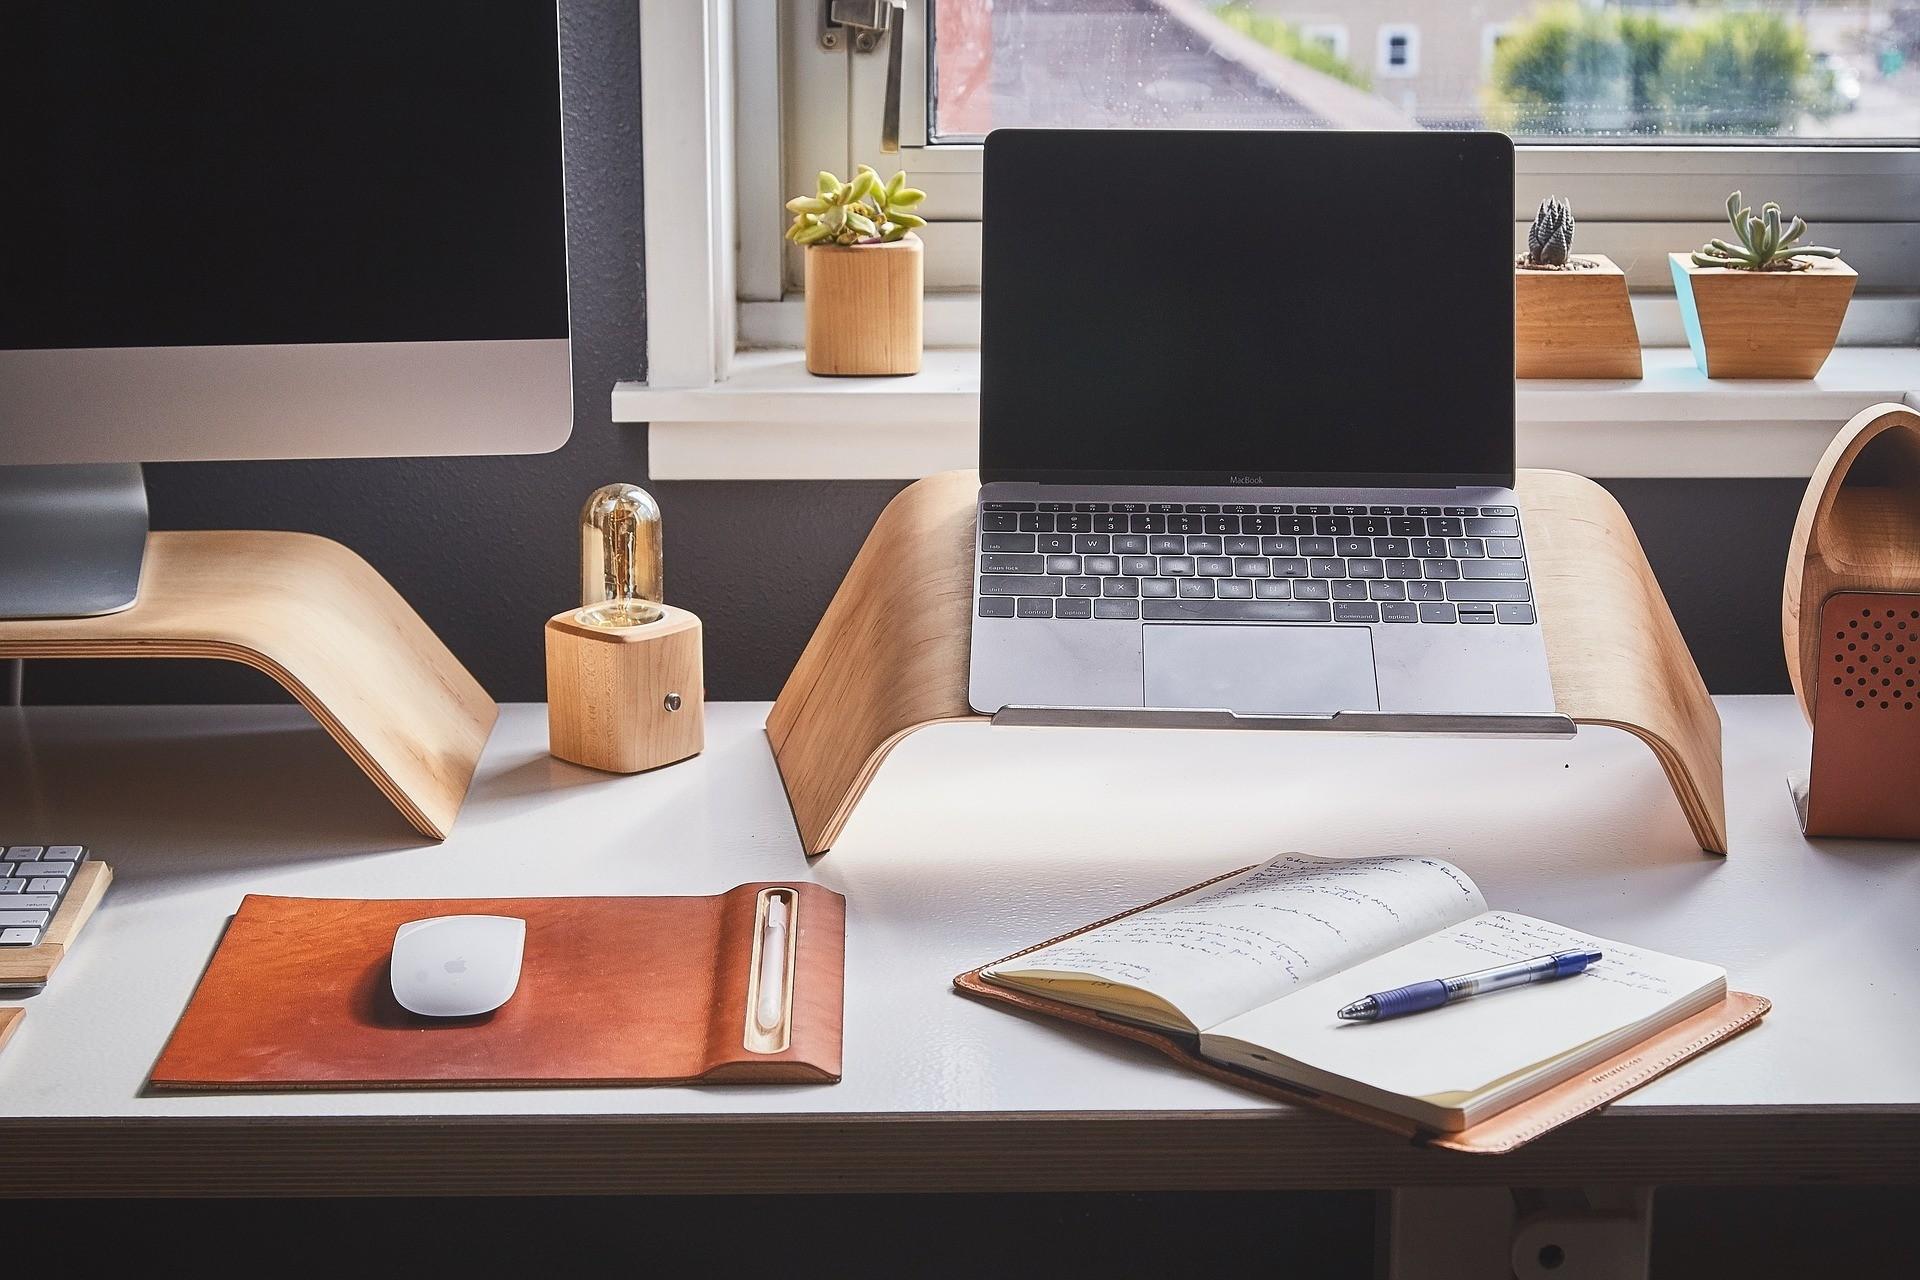 MacBook office